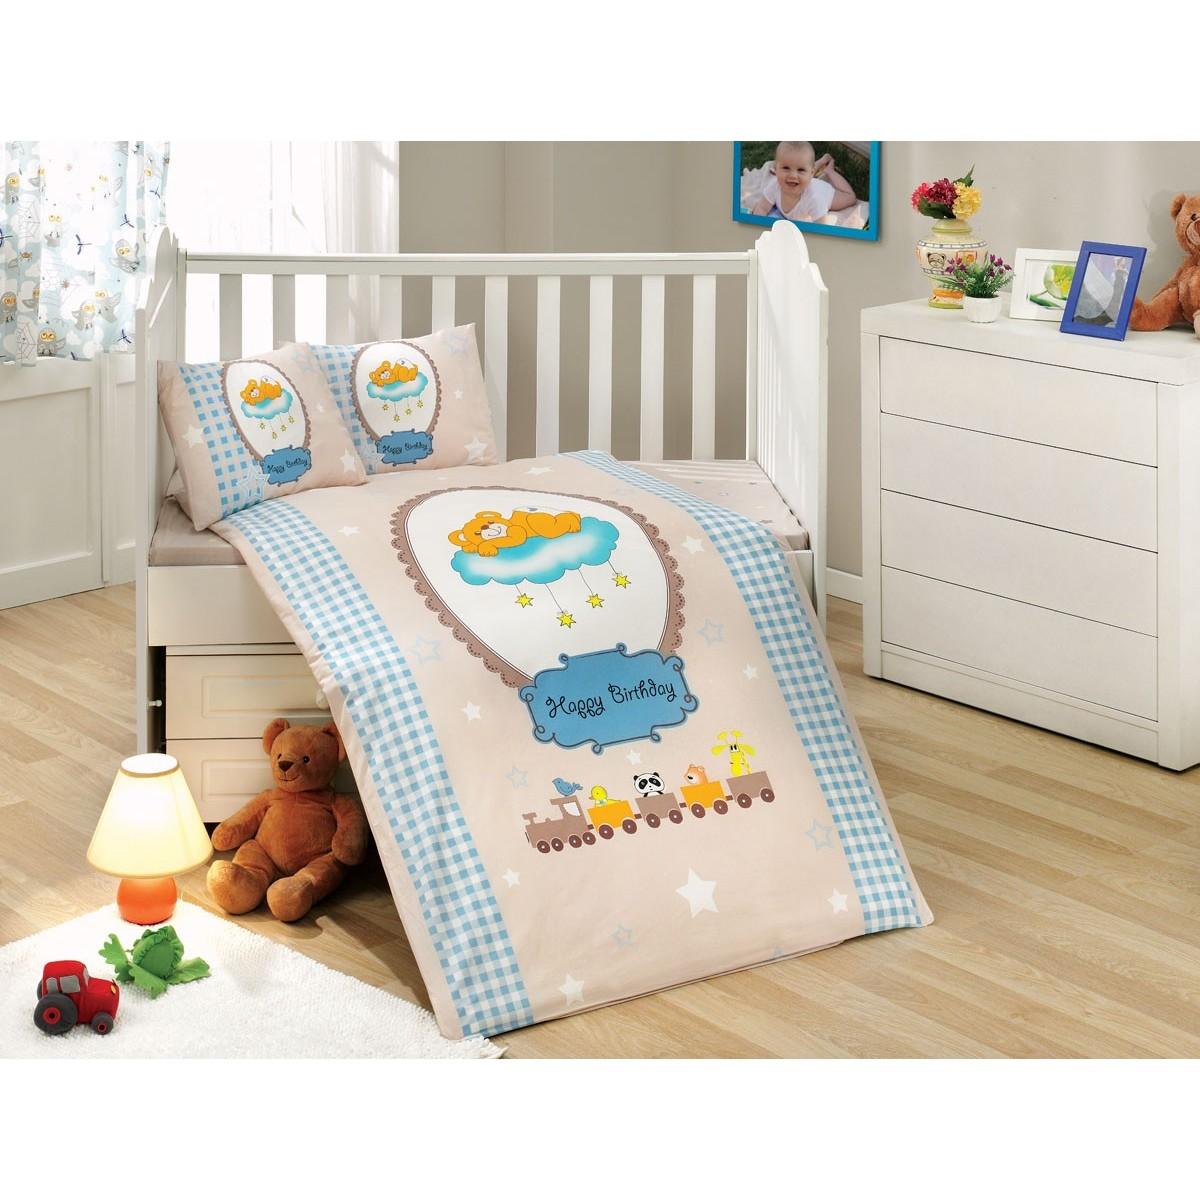 Комплект Постельного Белья В Кроватку Hobby Home Collection Bambam 1501001251 Поплин